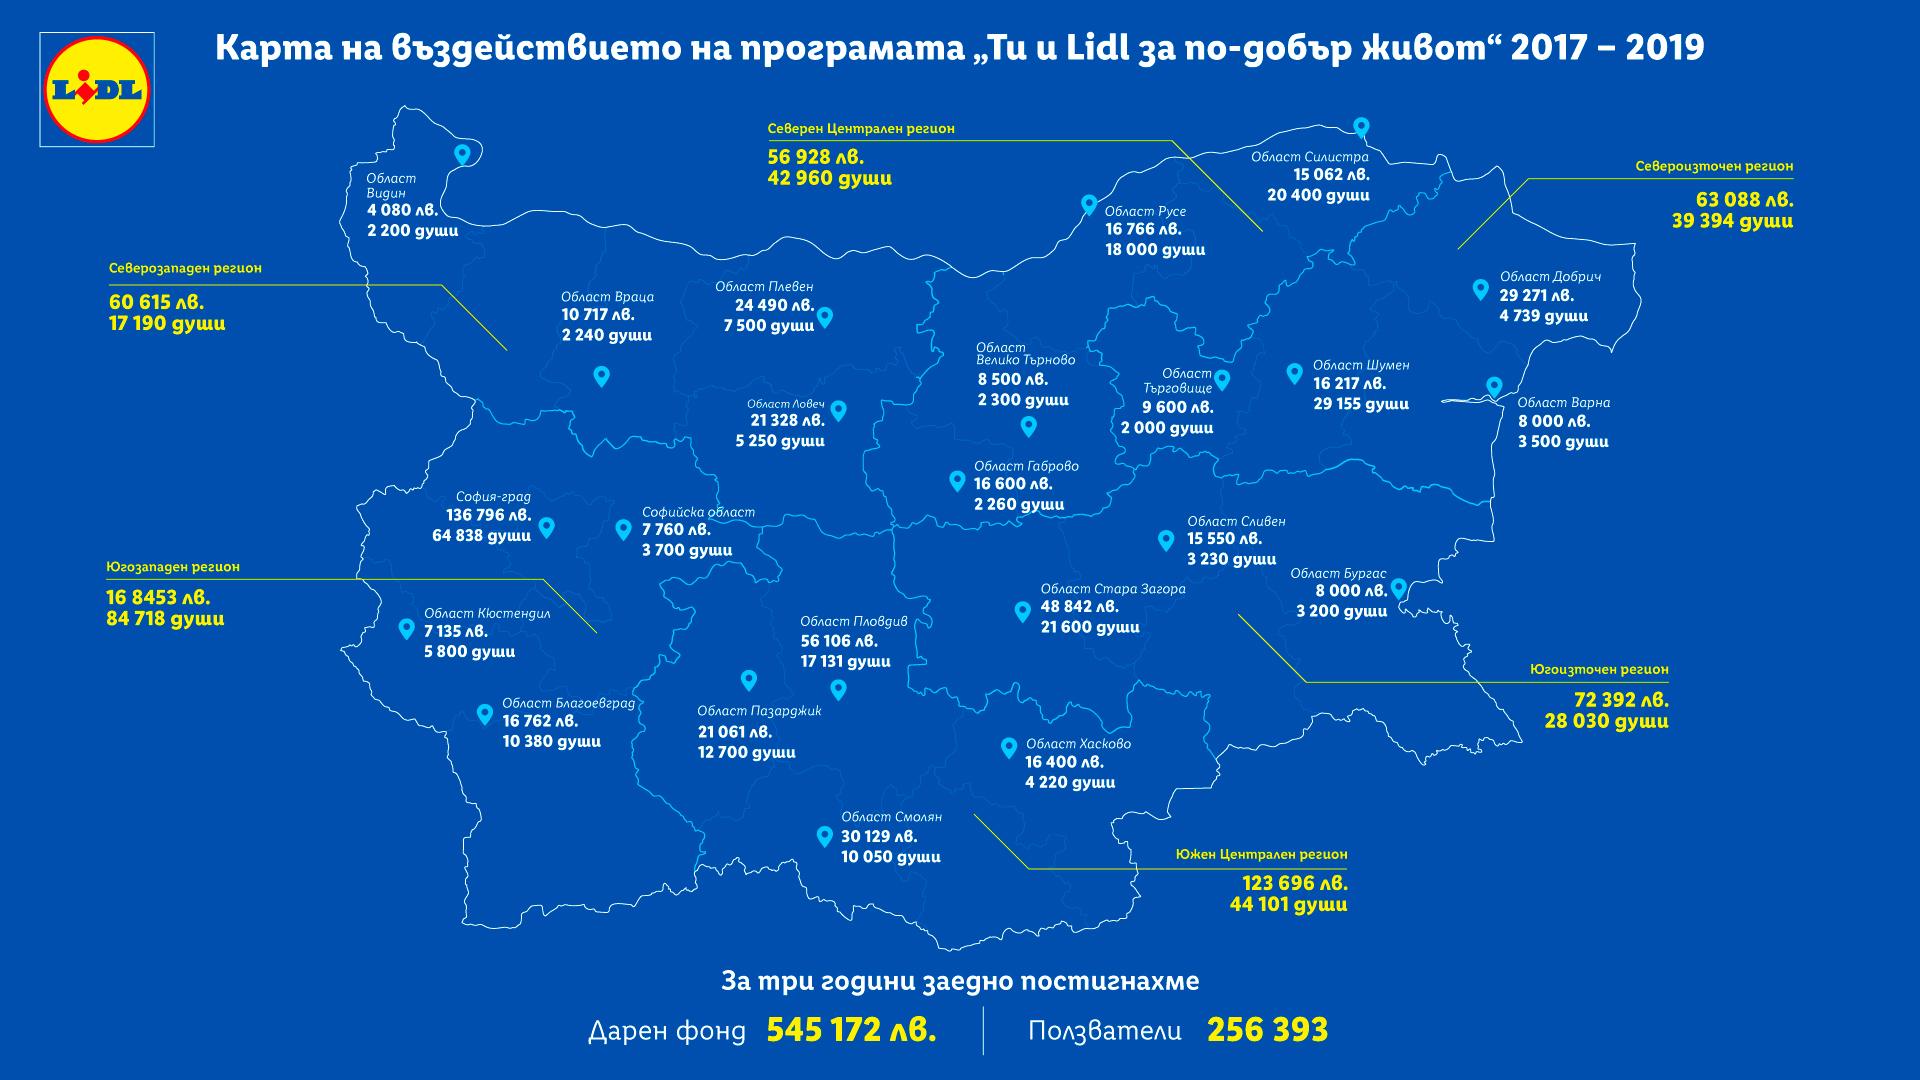 """За три години """"Ти и Lidl за по-добър живот"""" достигна до над 250 хиляди българи в цялата страна"""